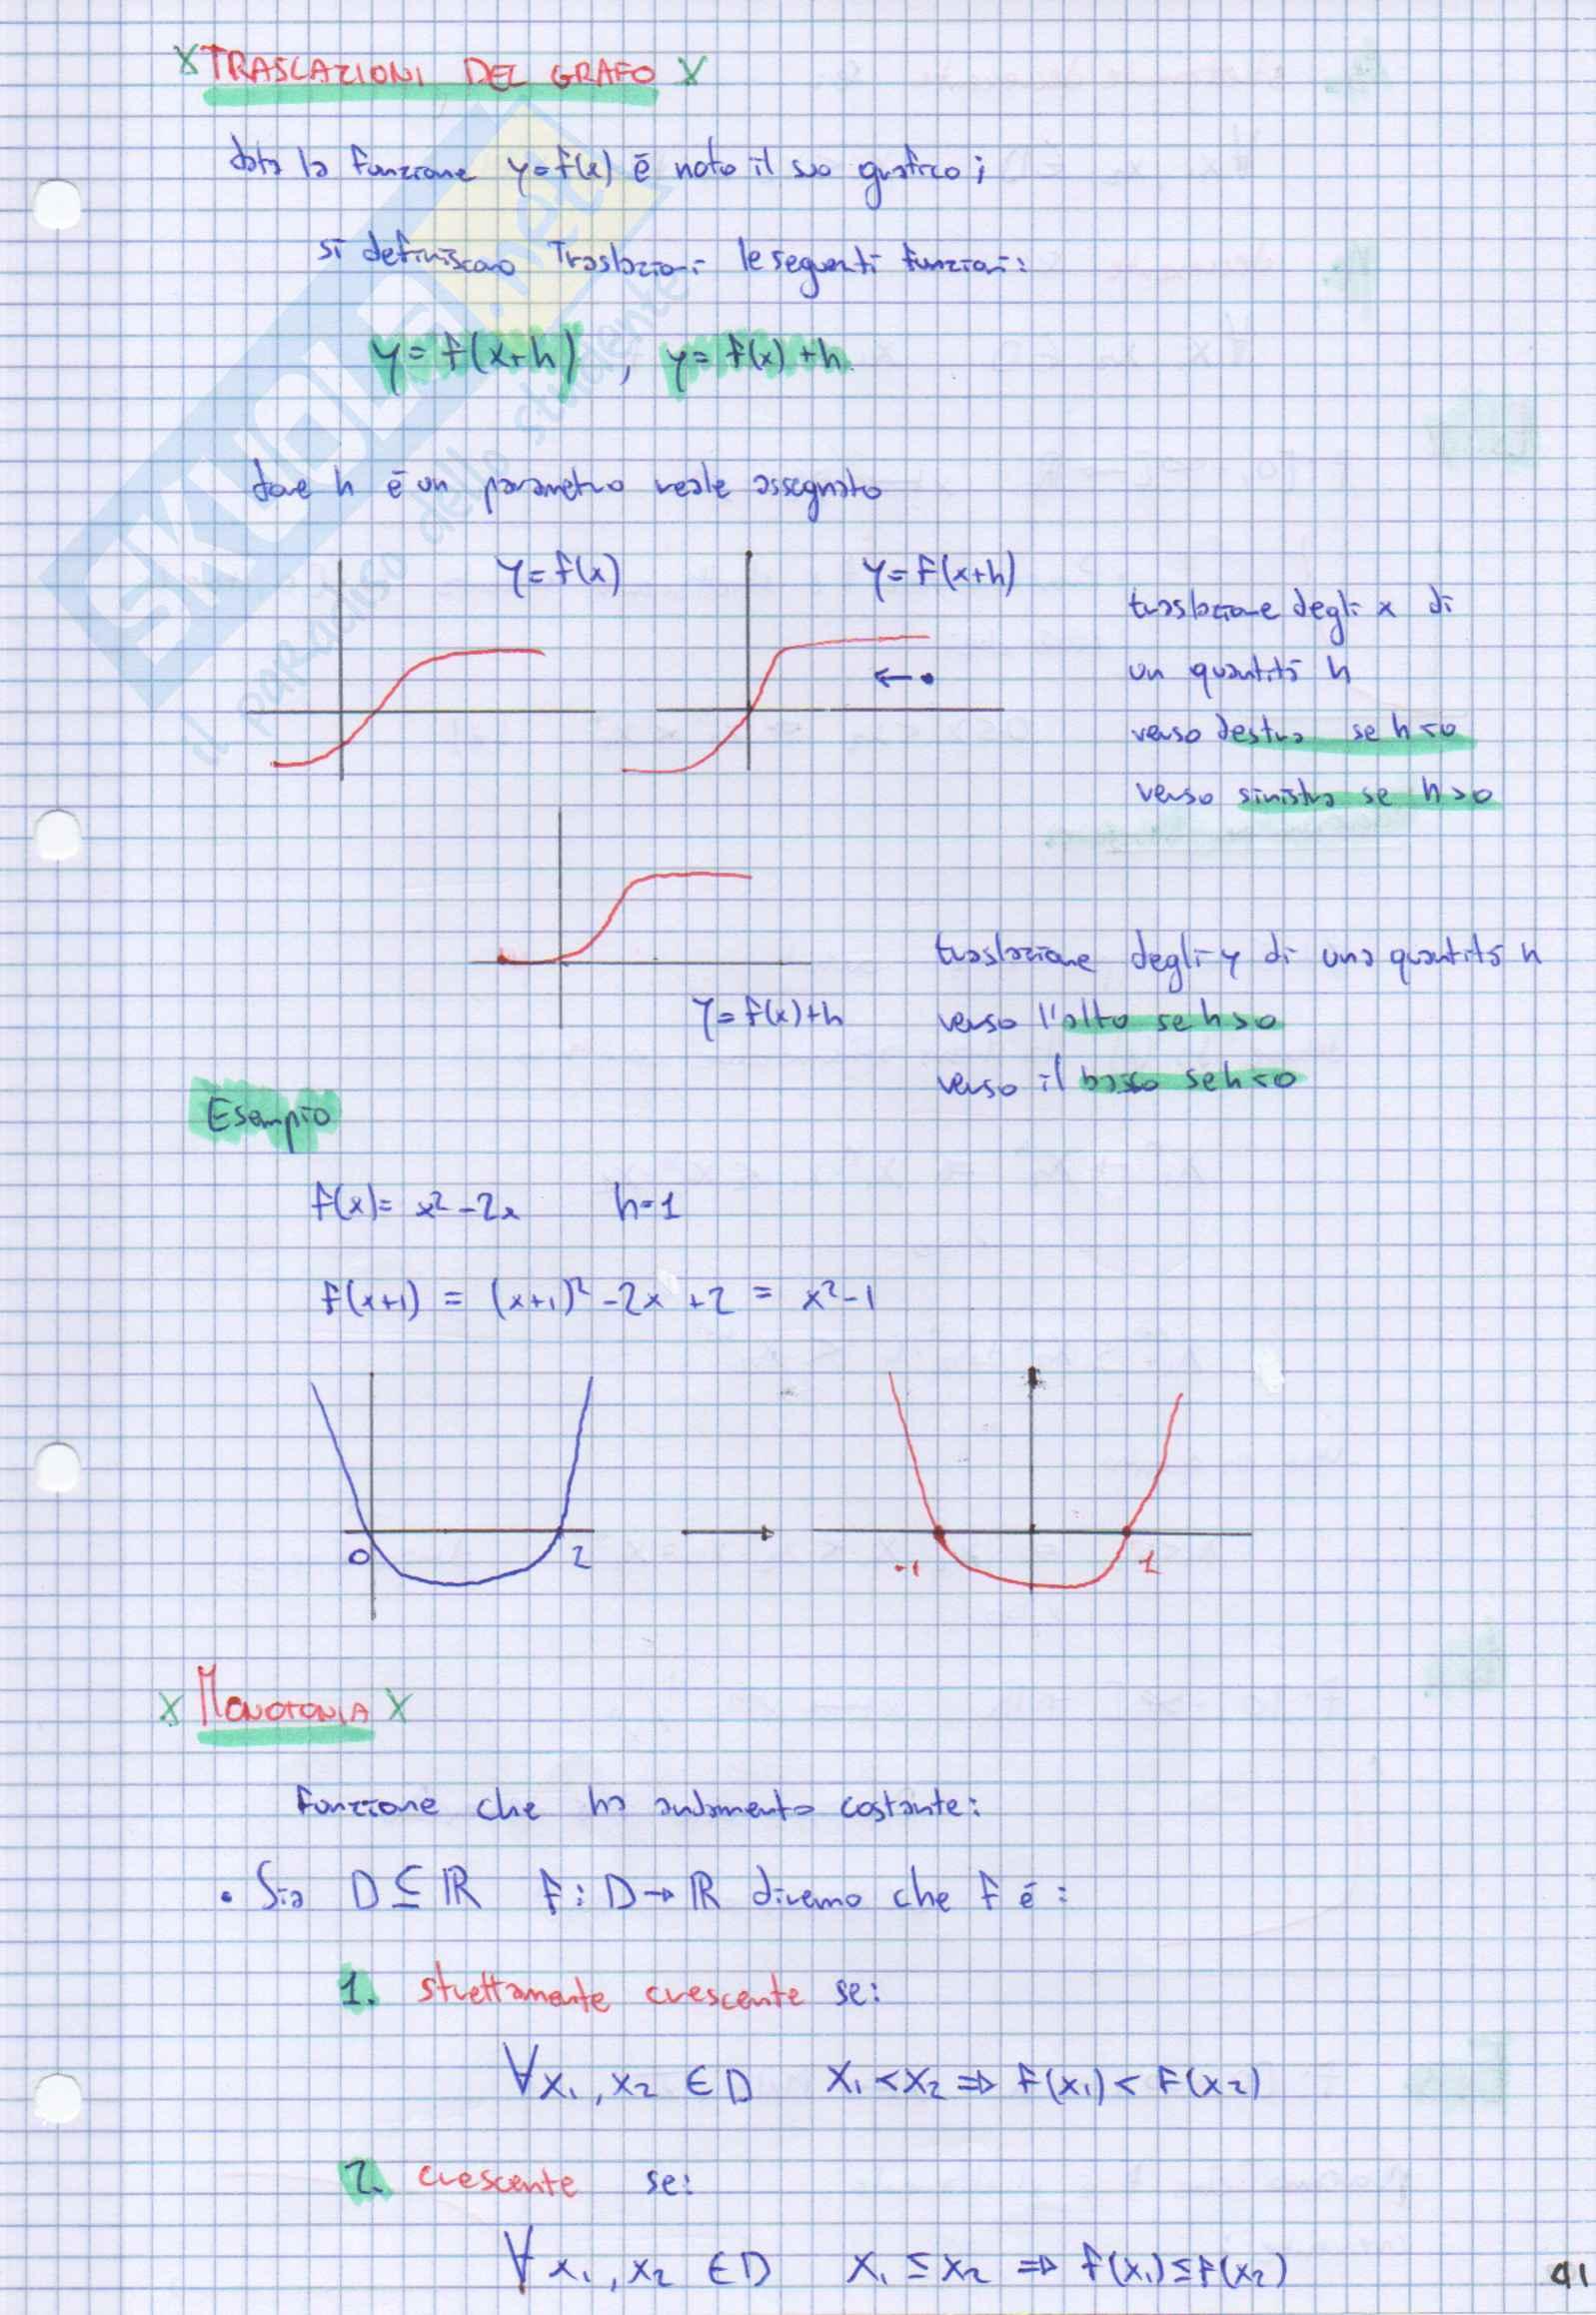 """Analisi 1 Teoria """"Funzioni e Limiti"""" [cap. IV] Pag. 6"""